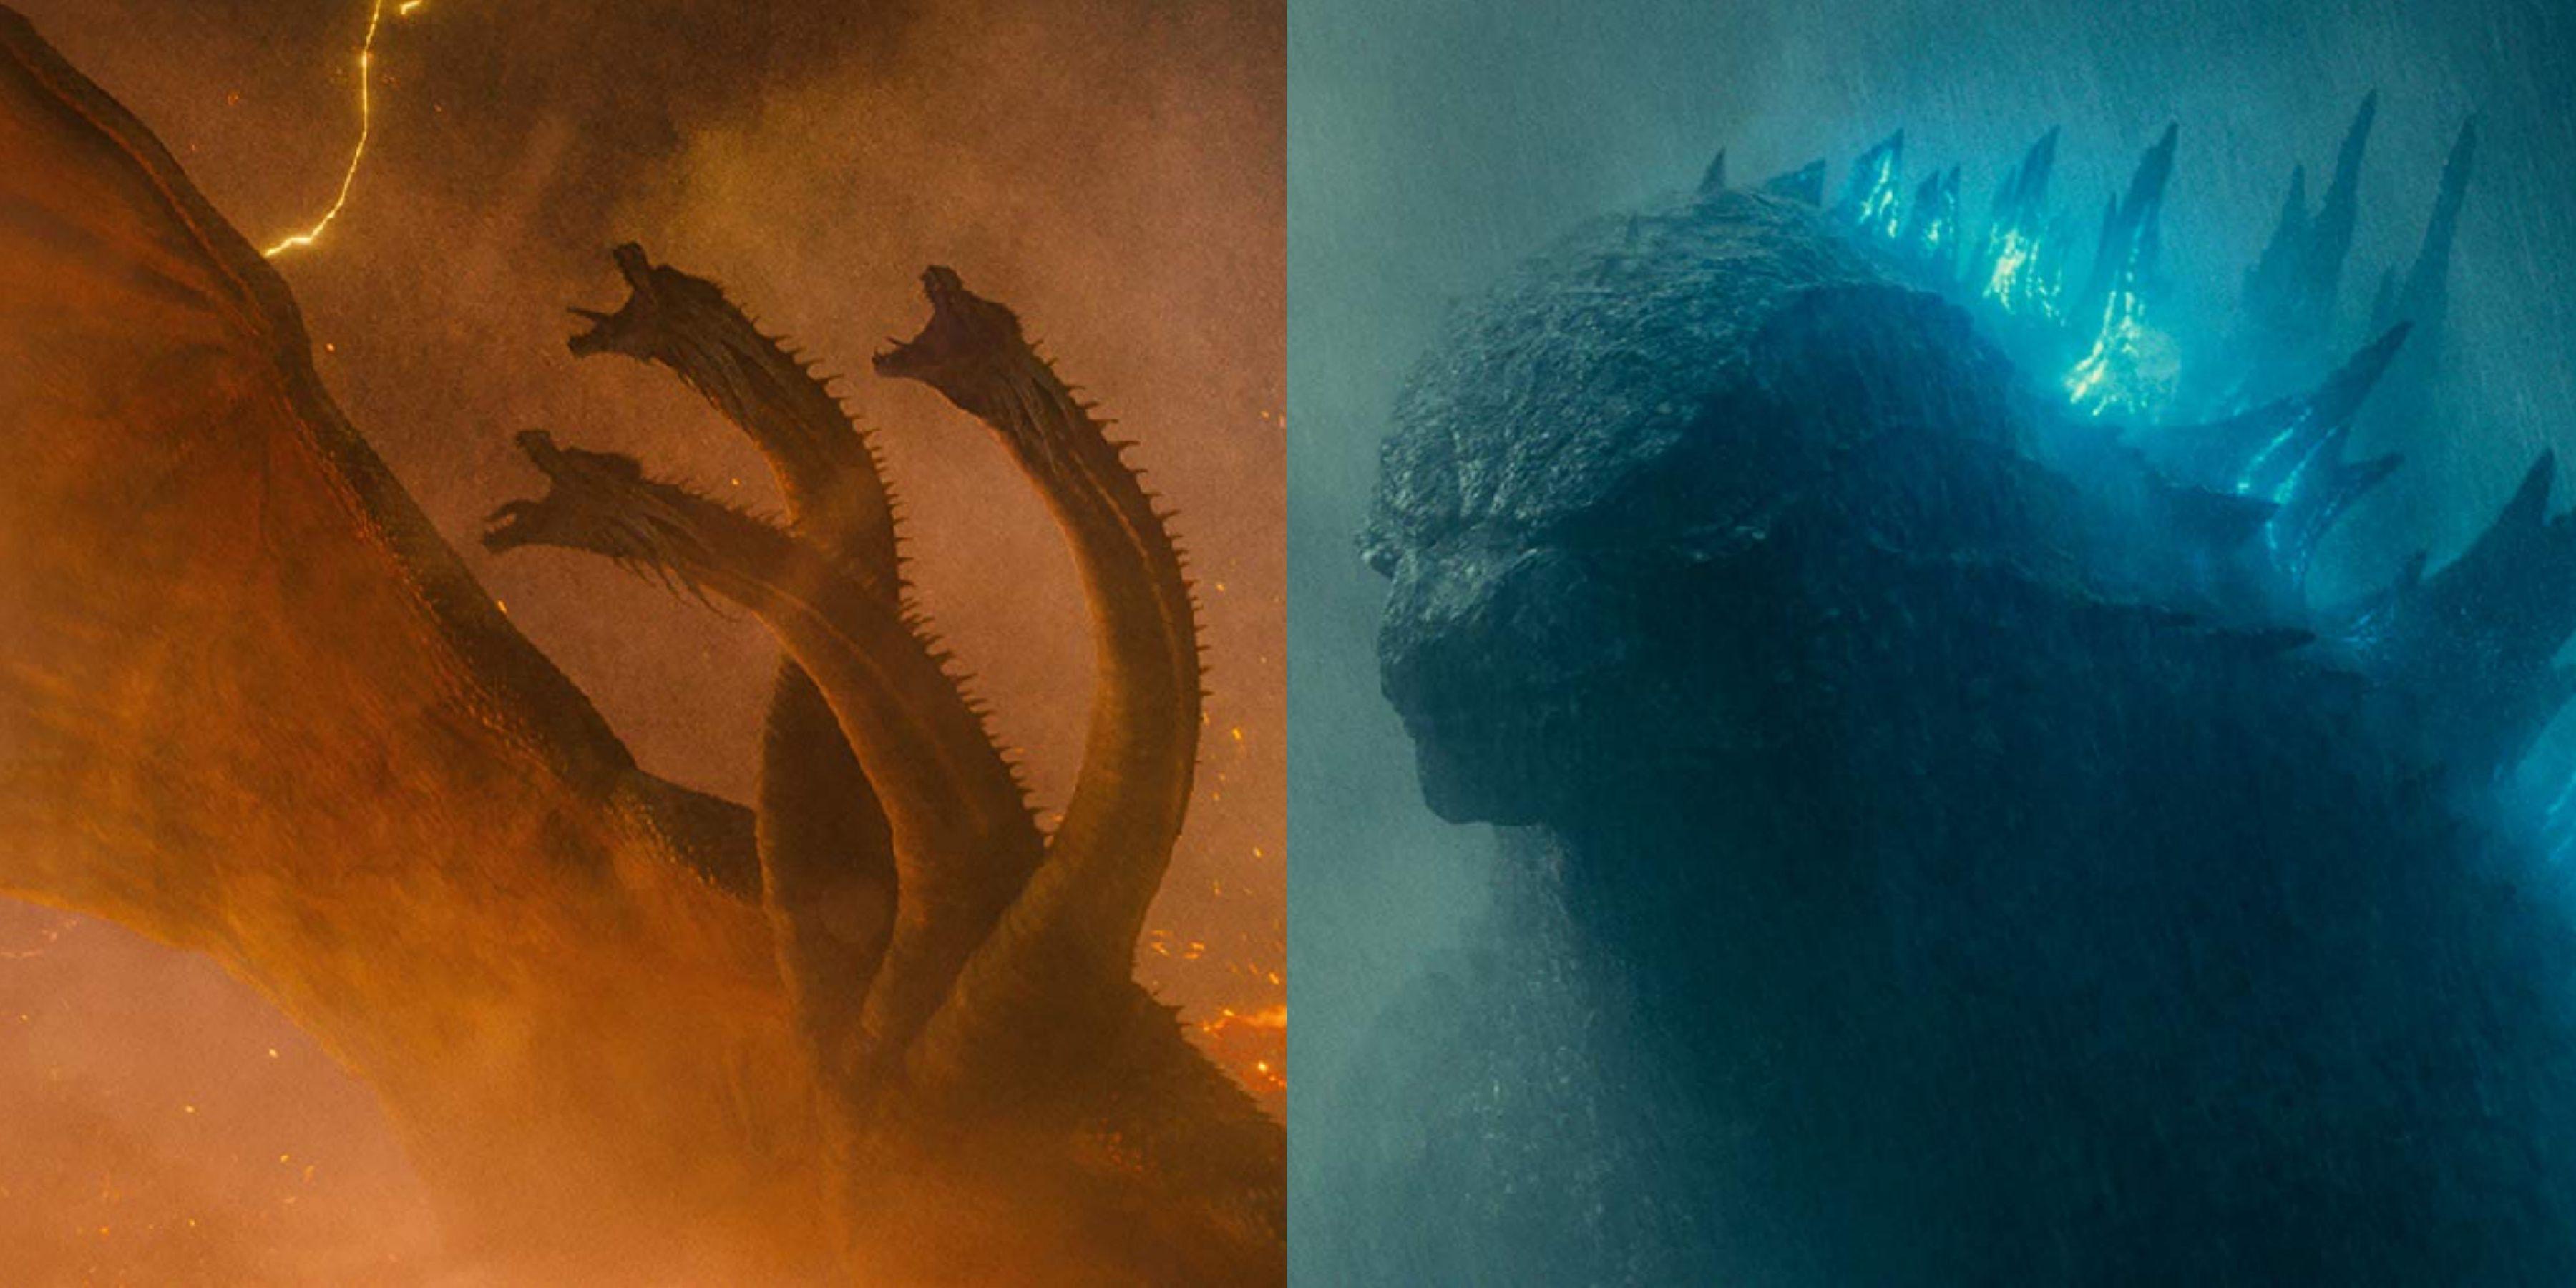 『ゴジラ キング・オブ・モンスターズ』に登場する怪獣たち